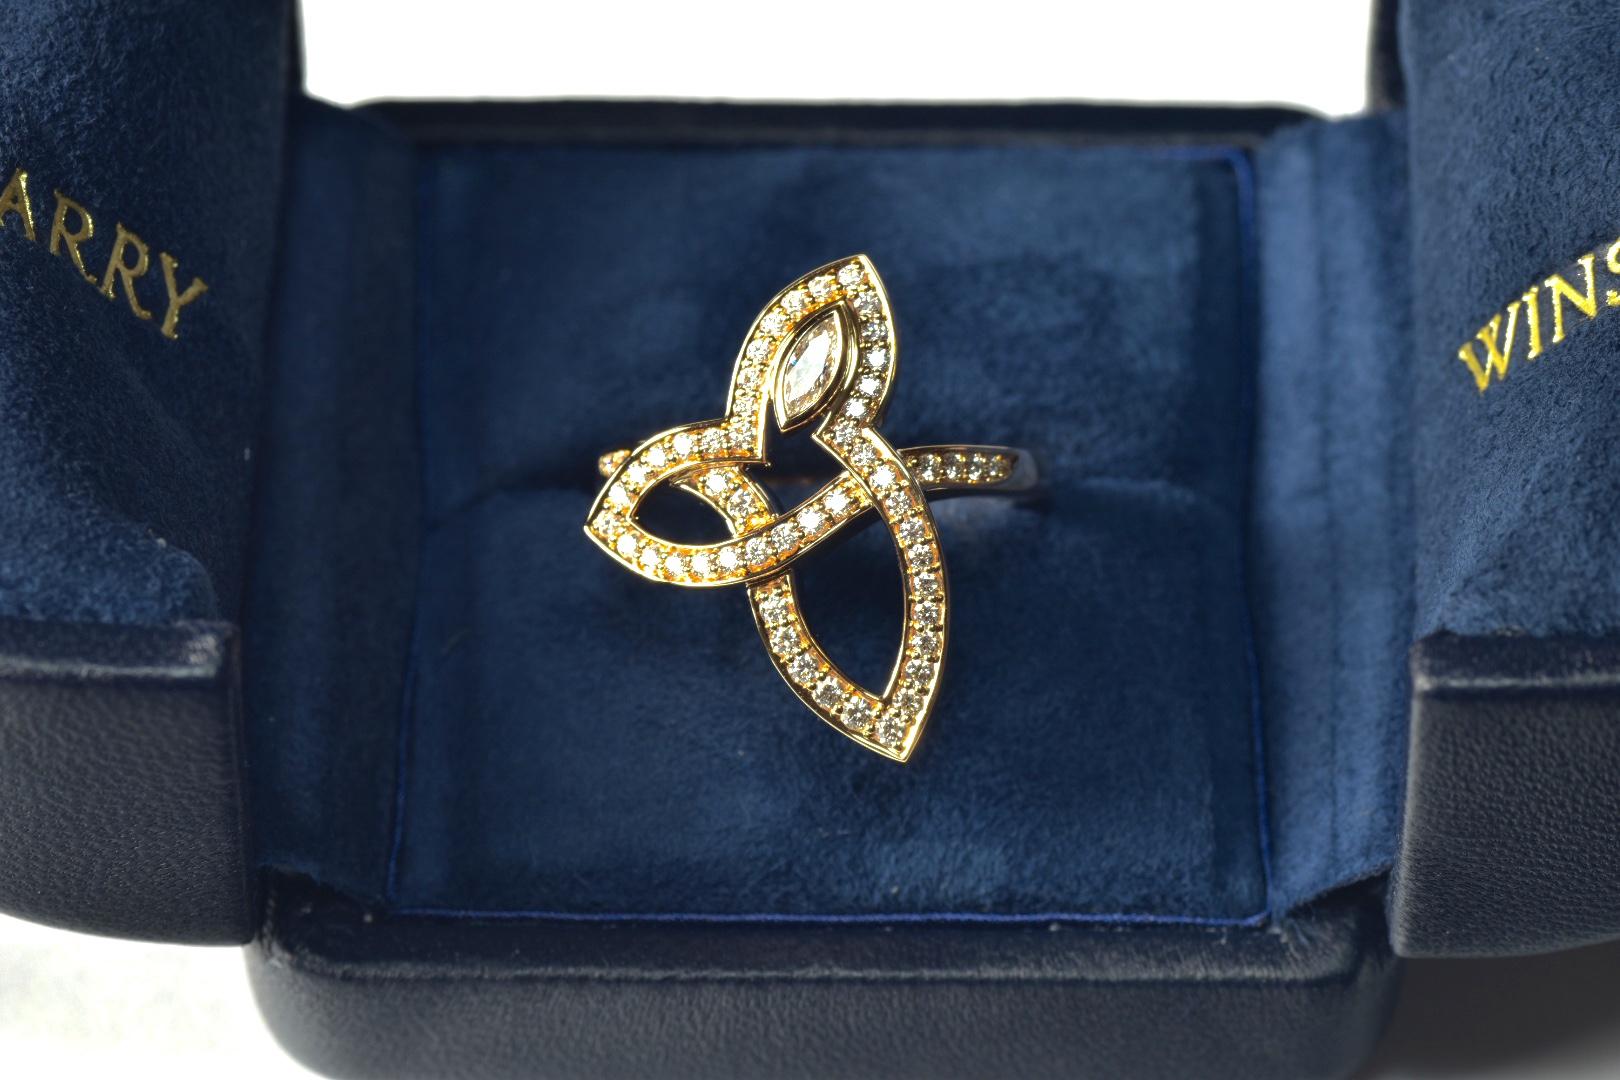 ハリーウィンストン リリークラスター 指輪 750PGをお買取!価格の相場は?